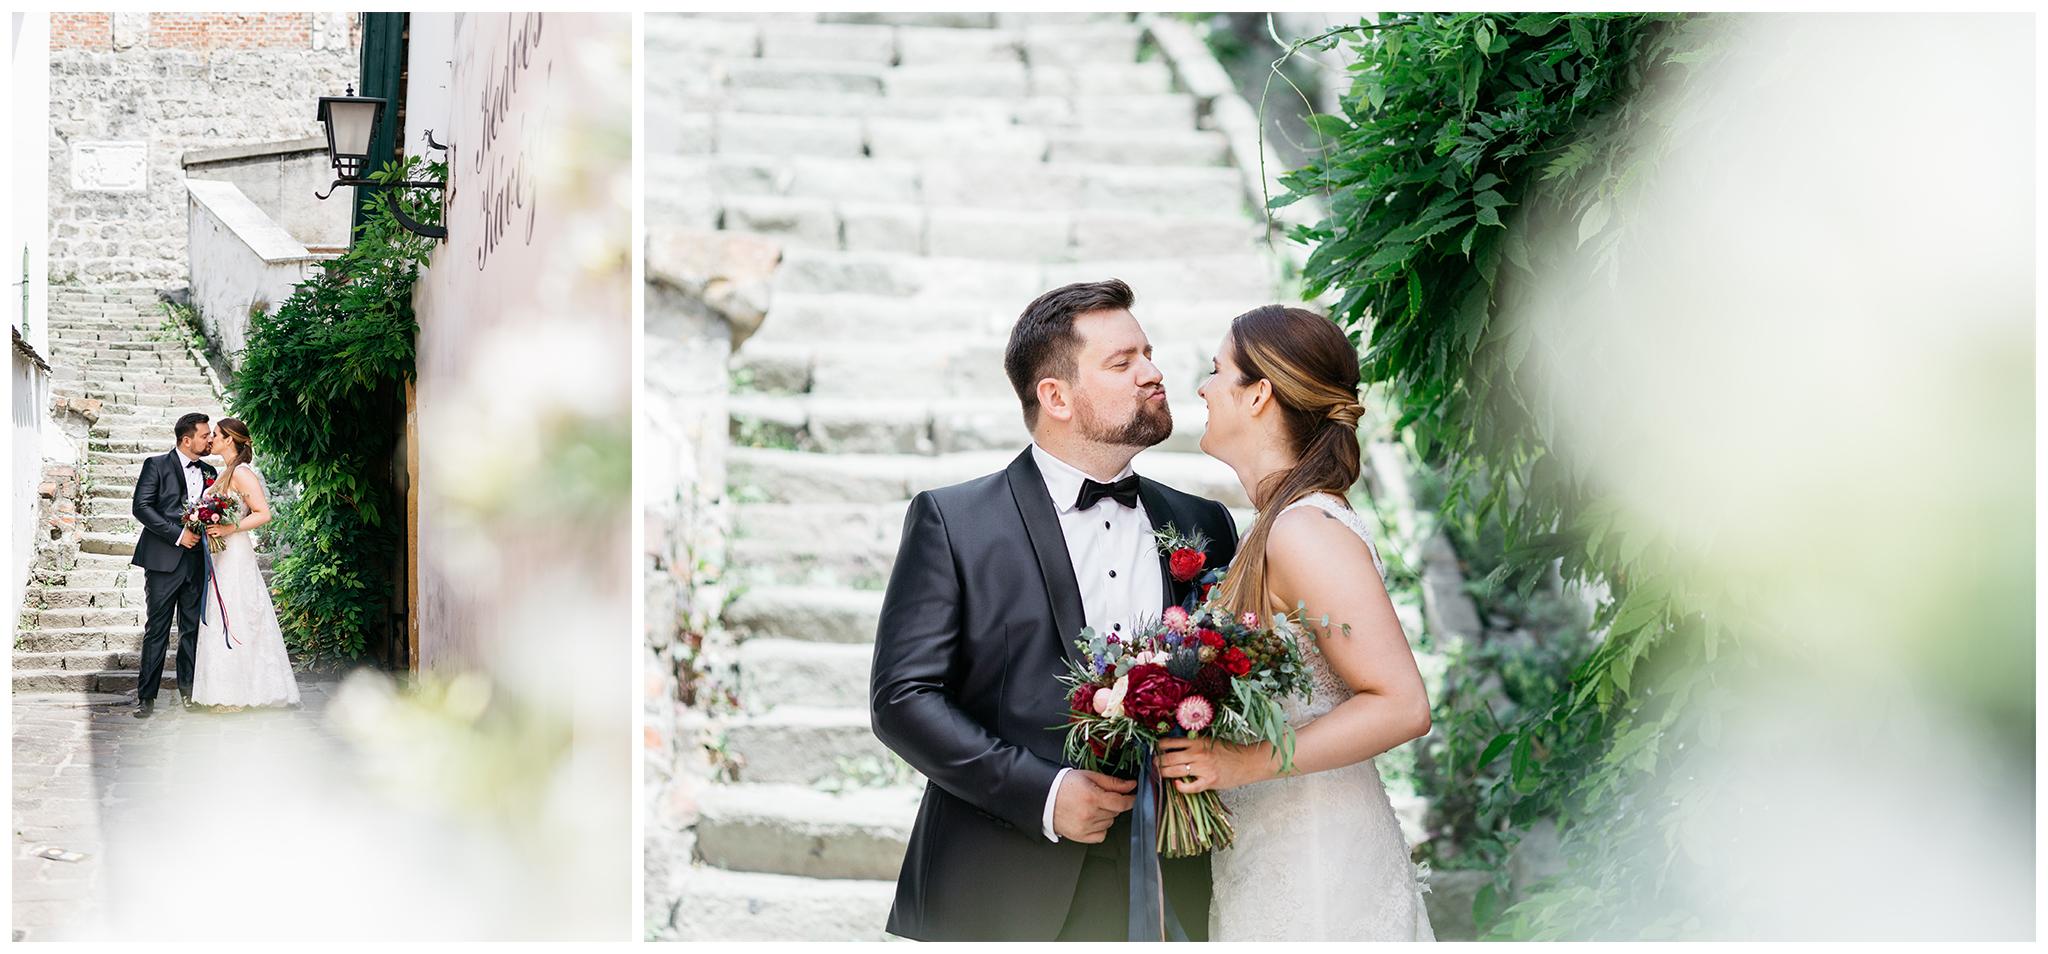 MONT_FylepPhoto, Esküvőfotós Vasmegye, Esküvő fotózás, Esküvői fotós, Körmend, Vas megye, Dunántúl, Budapest, Fülöp Péter, Jegyes fotózás, jegyes, kreatív, kreatívfotózás,Wien,Ausztira,Österreich,hochzeitsfotograf_V&M_007.jpg